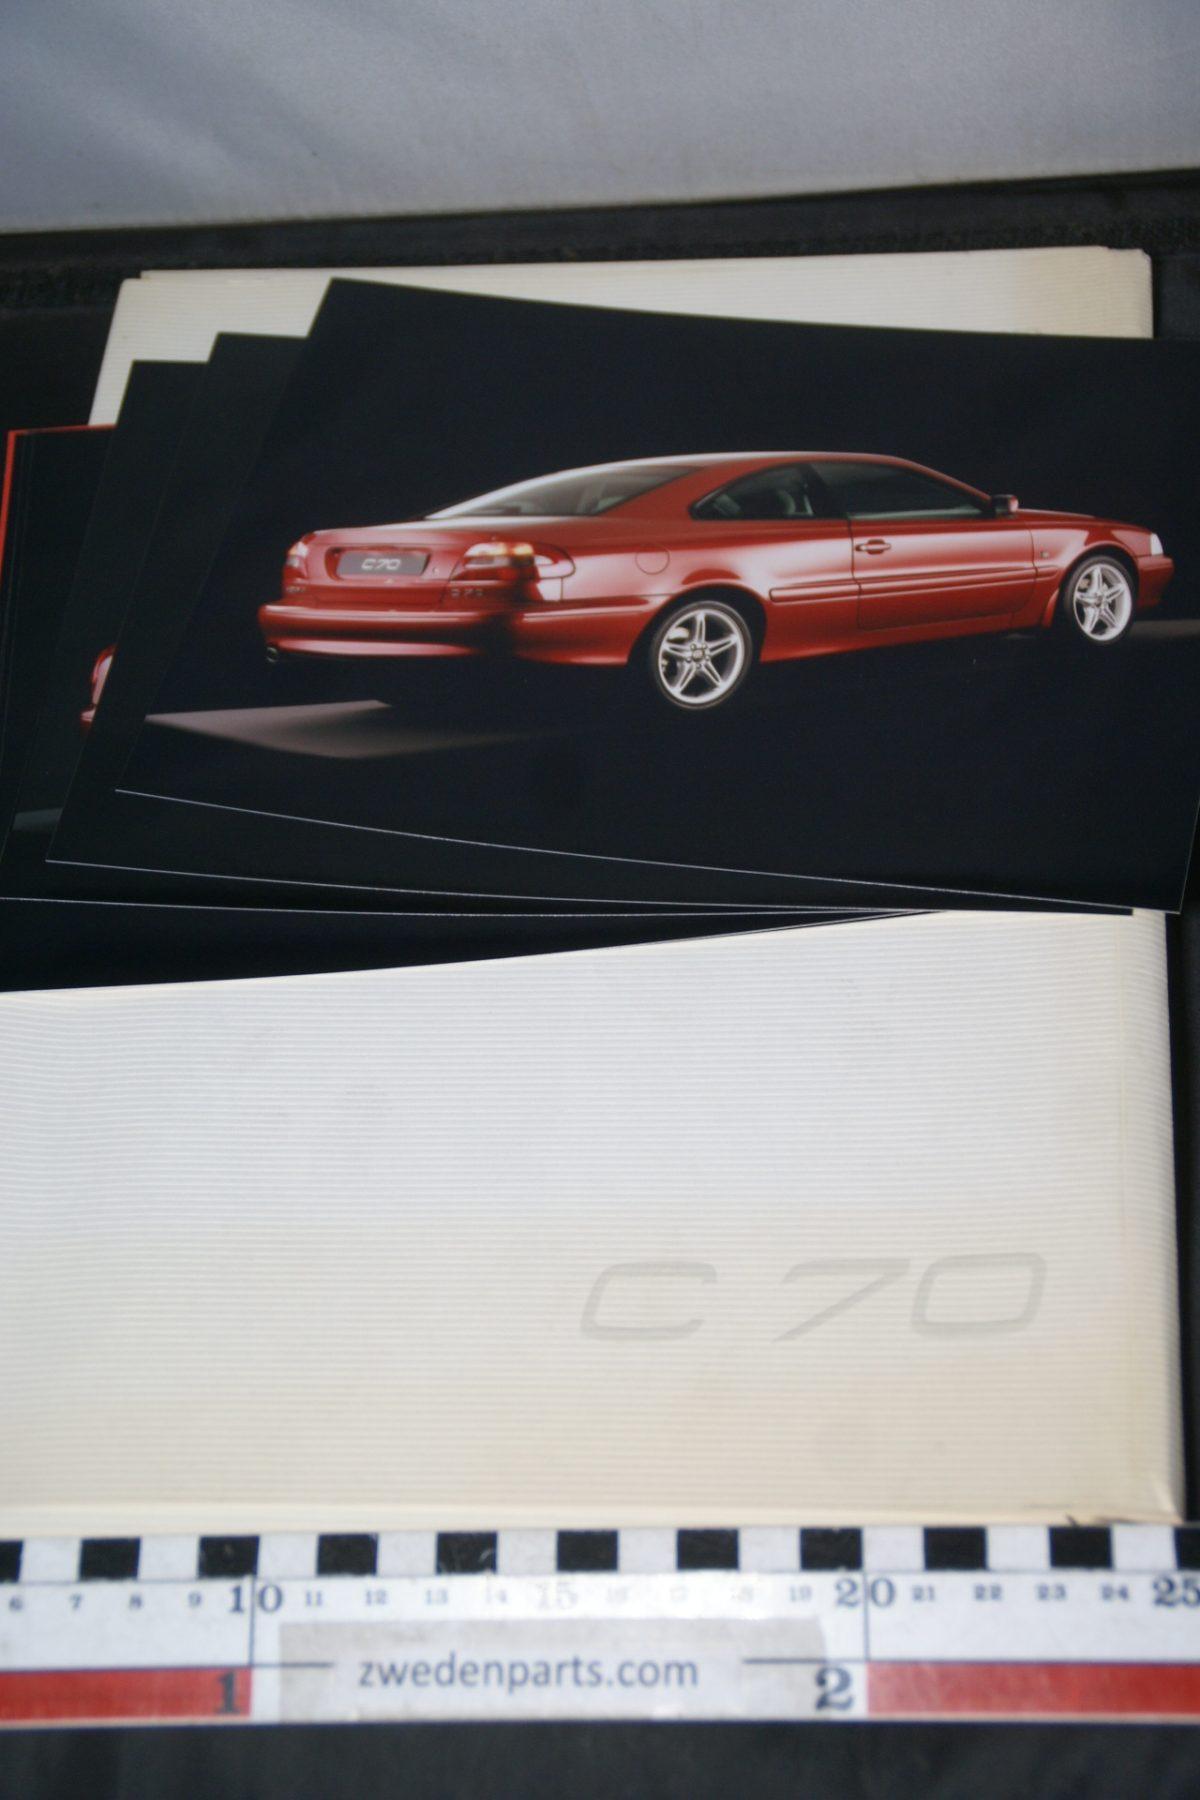 DSC06307 1997 persmap Volvo C70 met dia's, foto's en persbericht, English